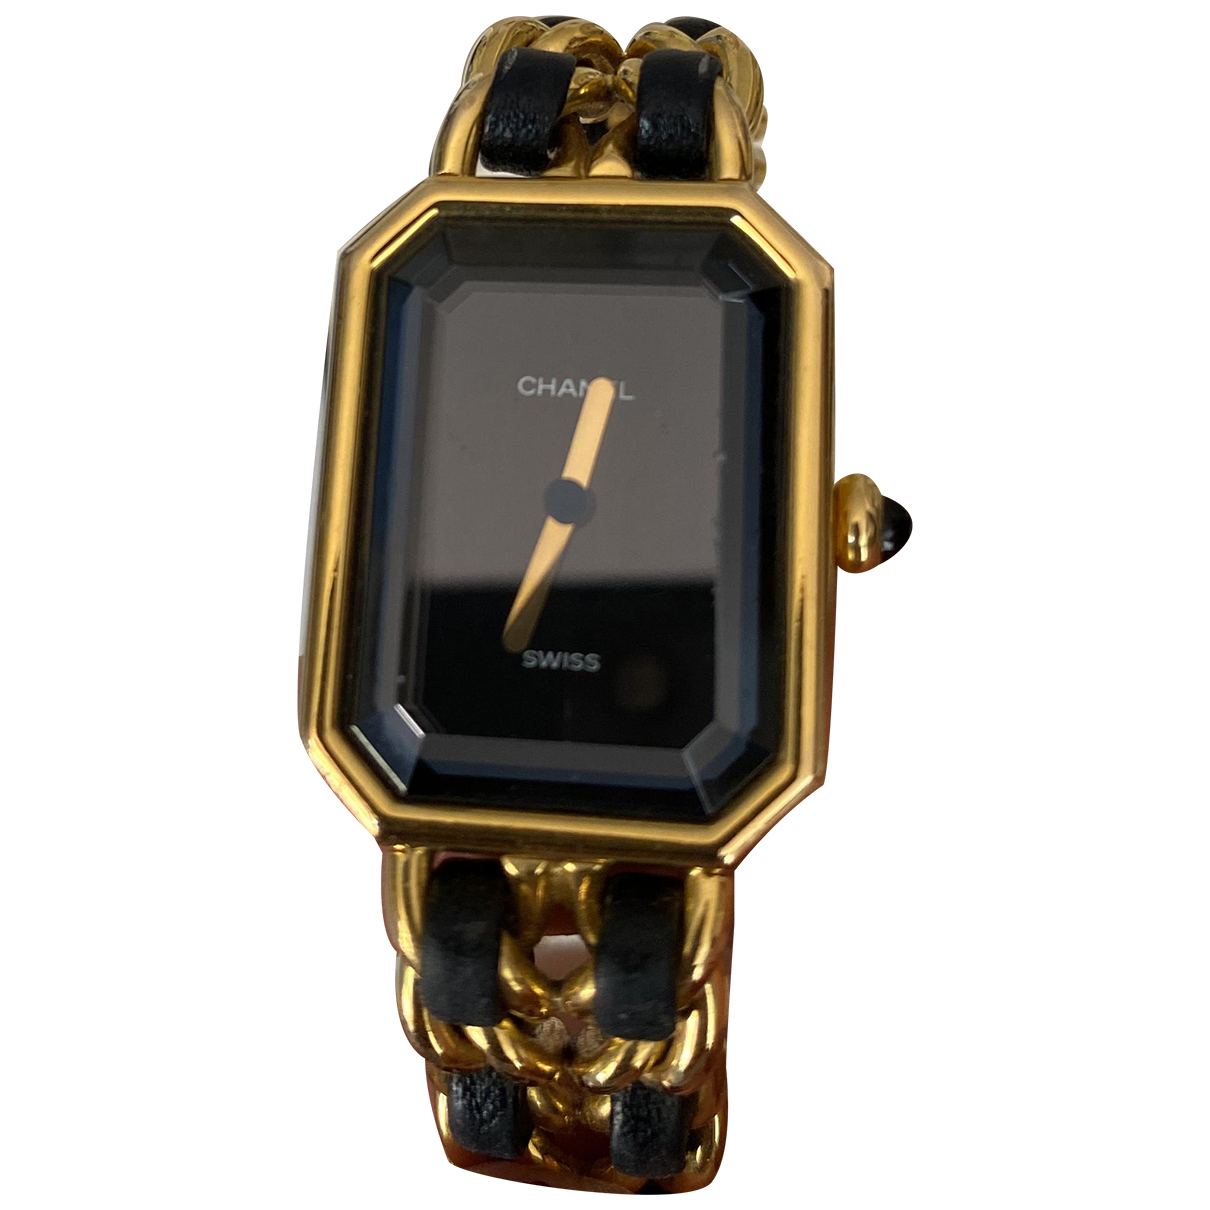 Chanel Premiere Uhr in  Schwarz Vergoldet